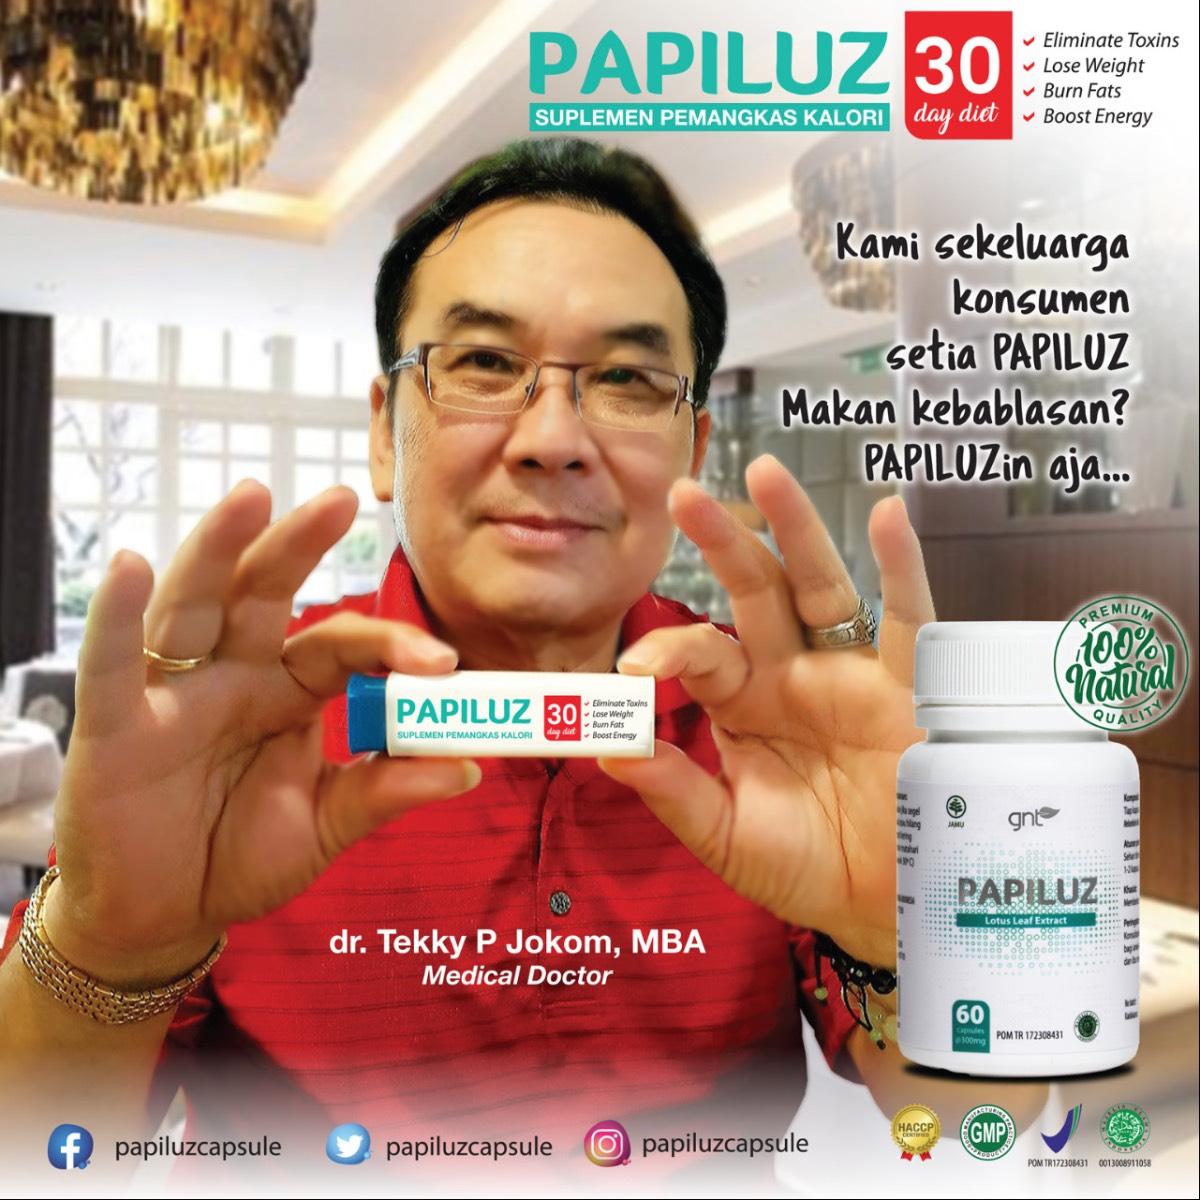 Gnt Papiluz1